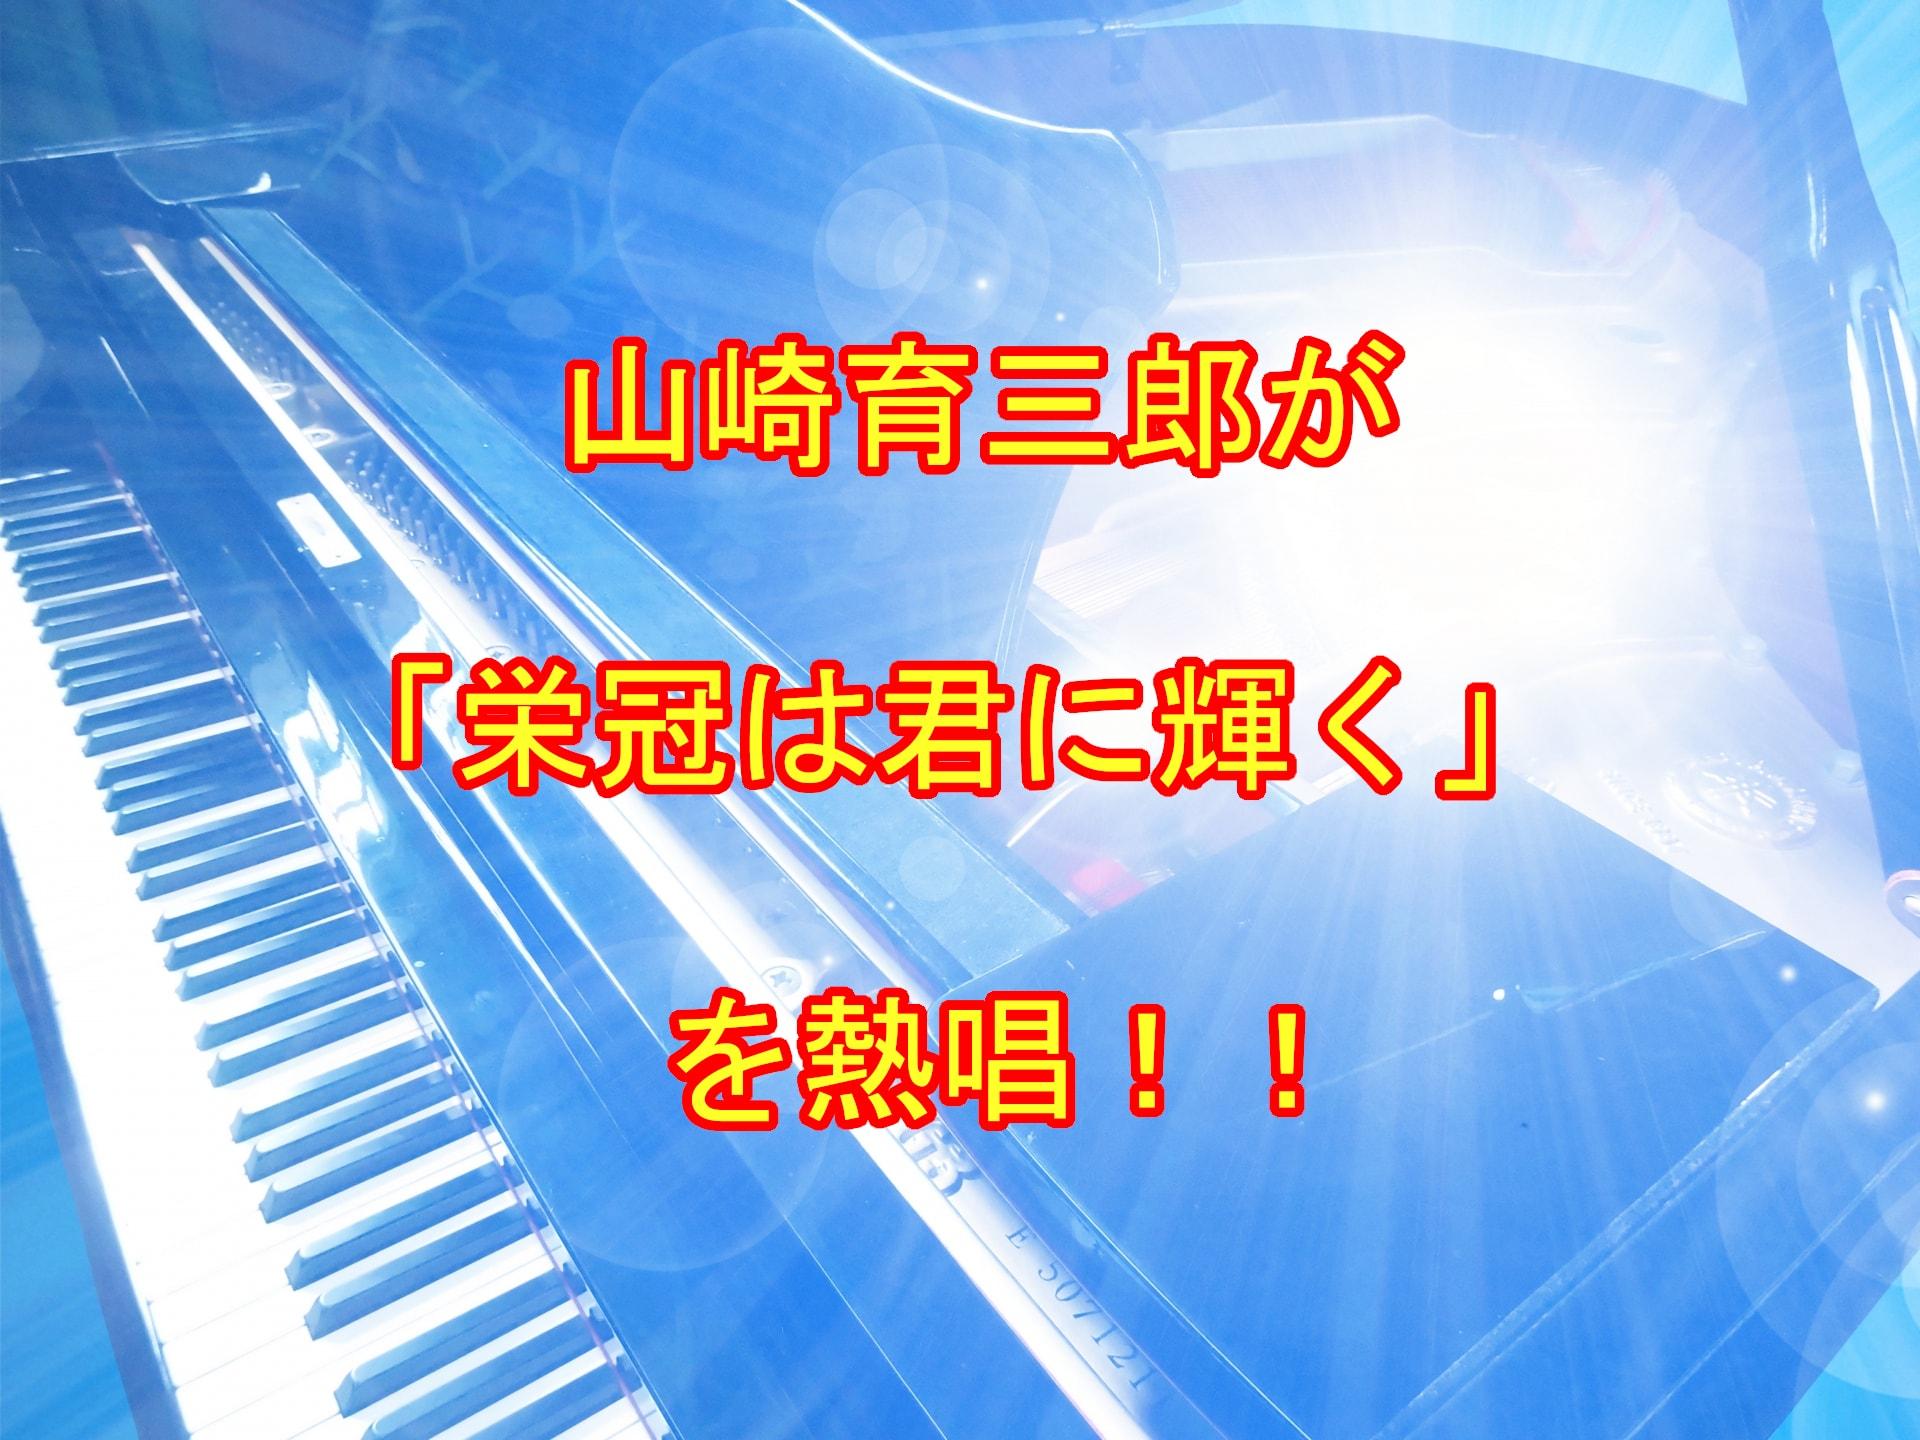 山崎育三郎エールで熱唱!